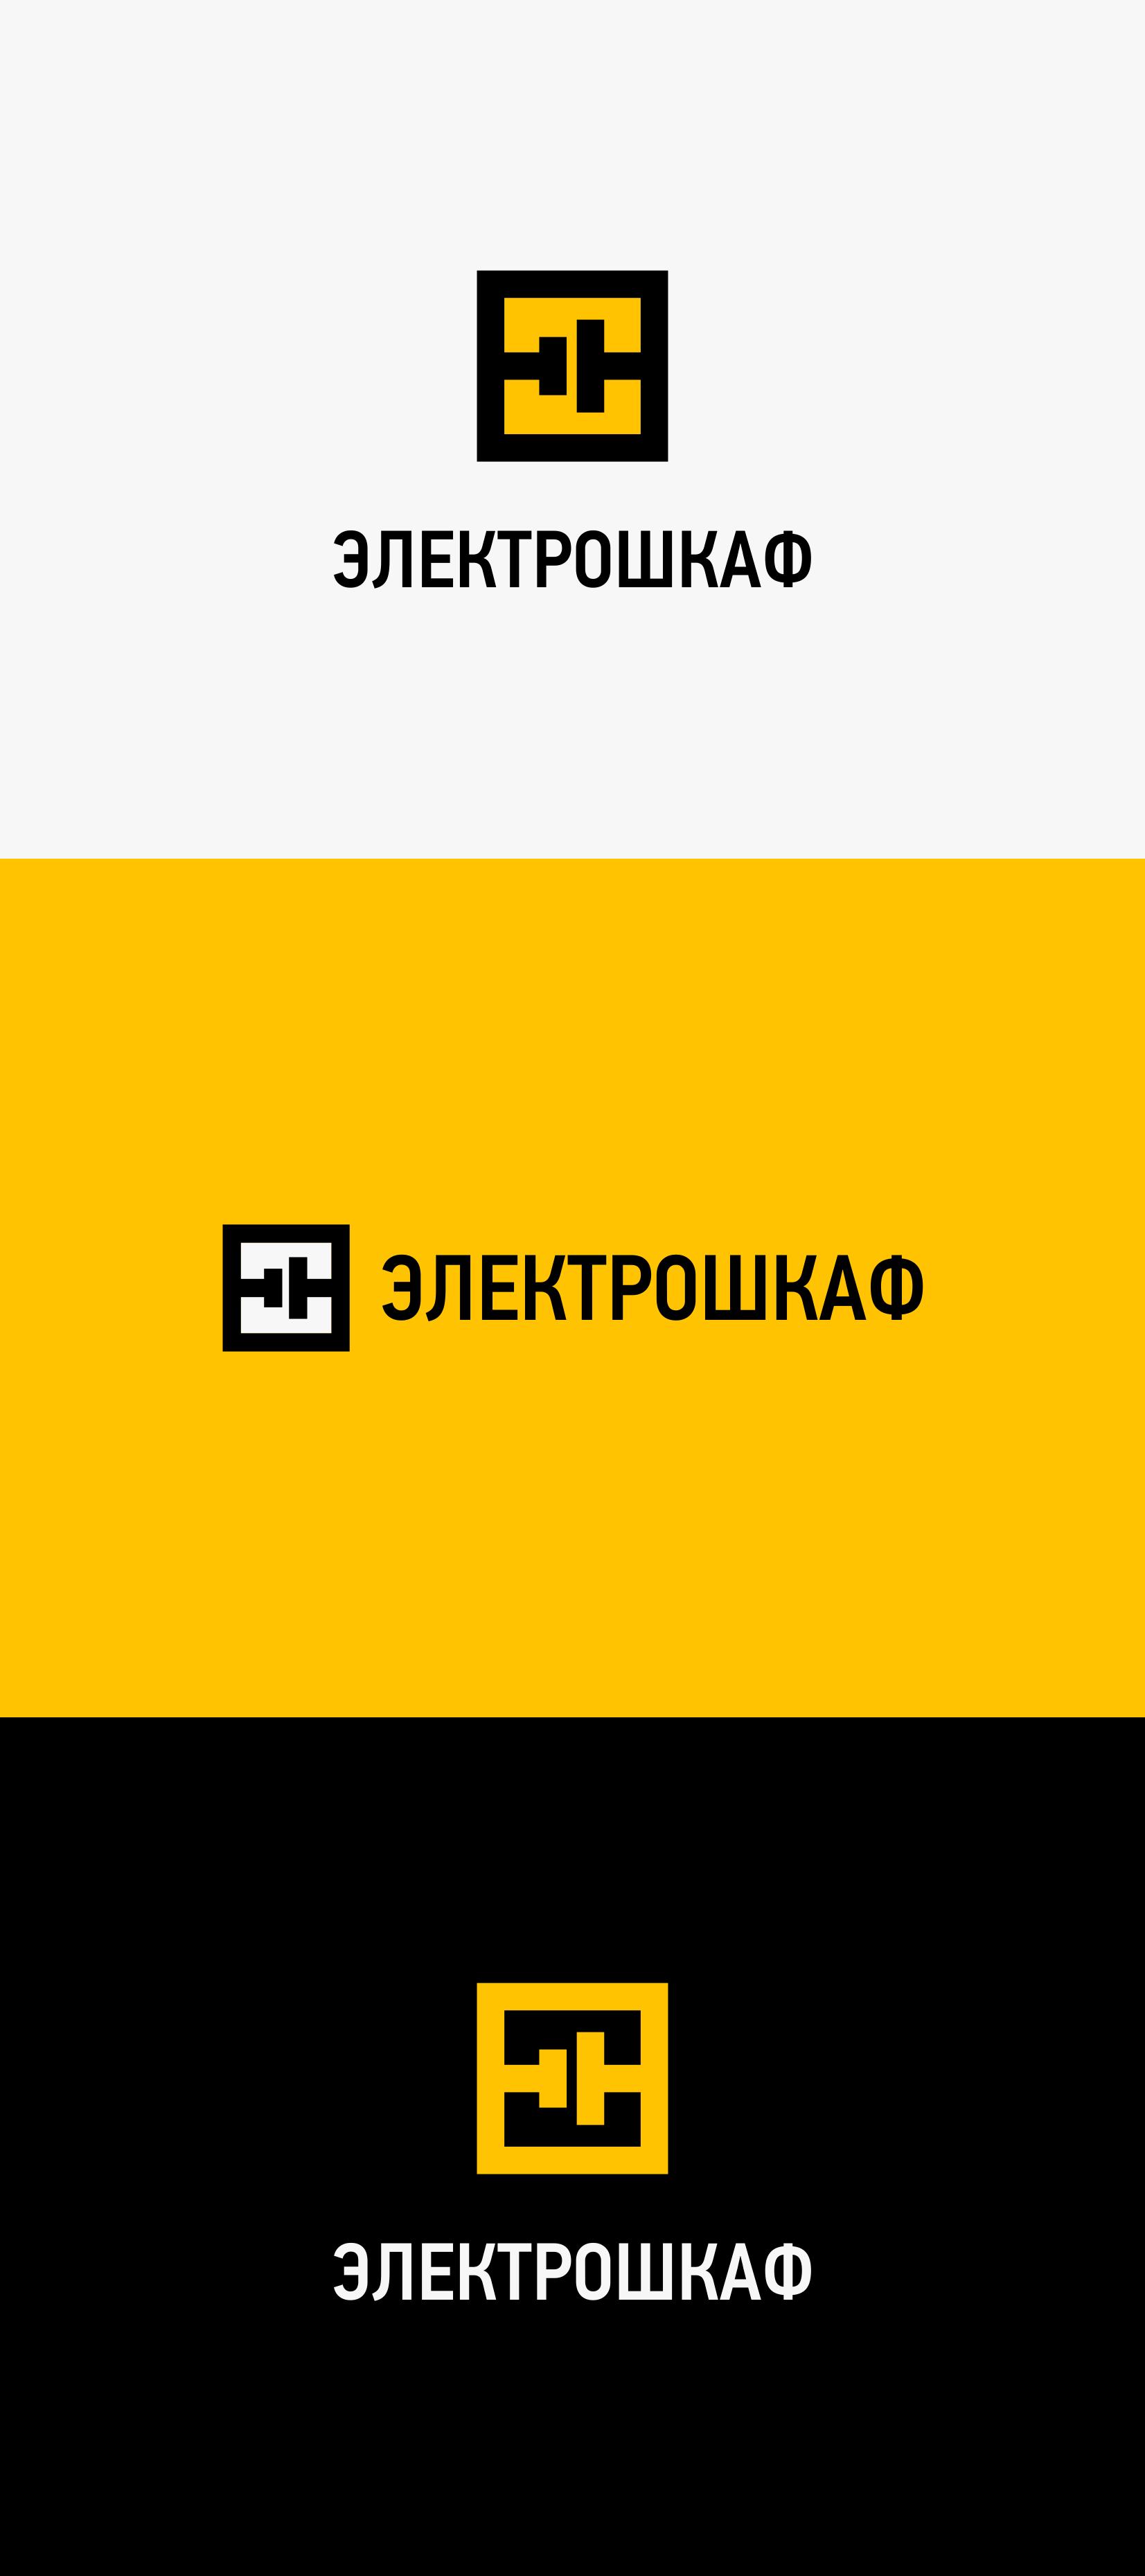 Разработать логотип для завода по производству электрощитов фото f_8555b6d7baabae1b.png